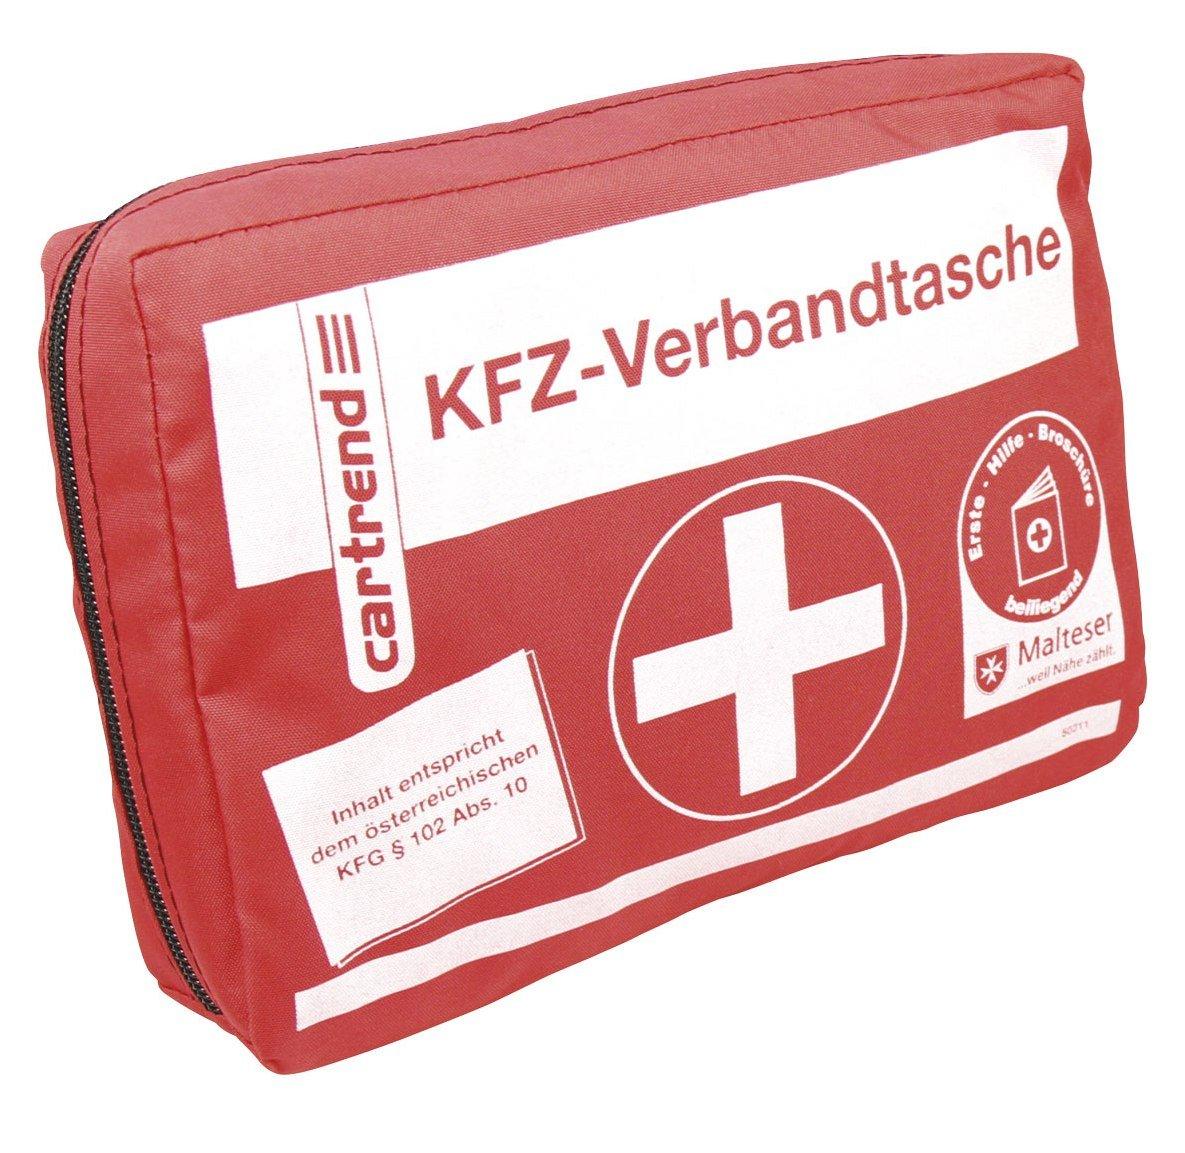 Cartrend 50211 Trousse de secours automobile Autriche, contenu conforme à la législation KFG 102 ABS 10 autrichienne contenu conforme à la législation KFG 102 ABS 10 autrichienne